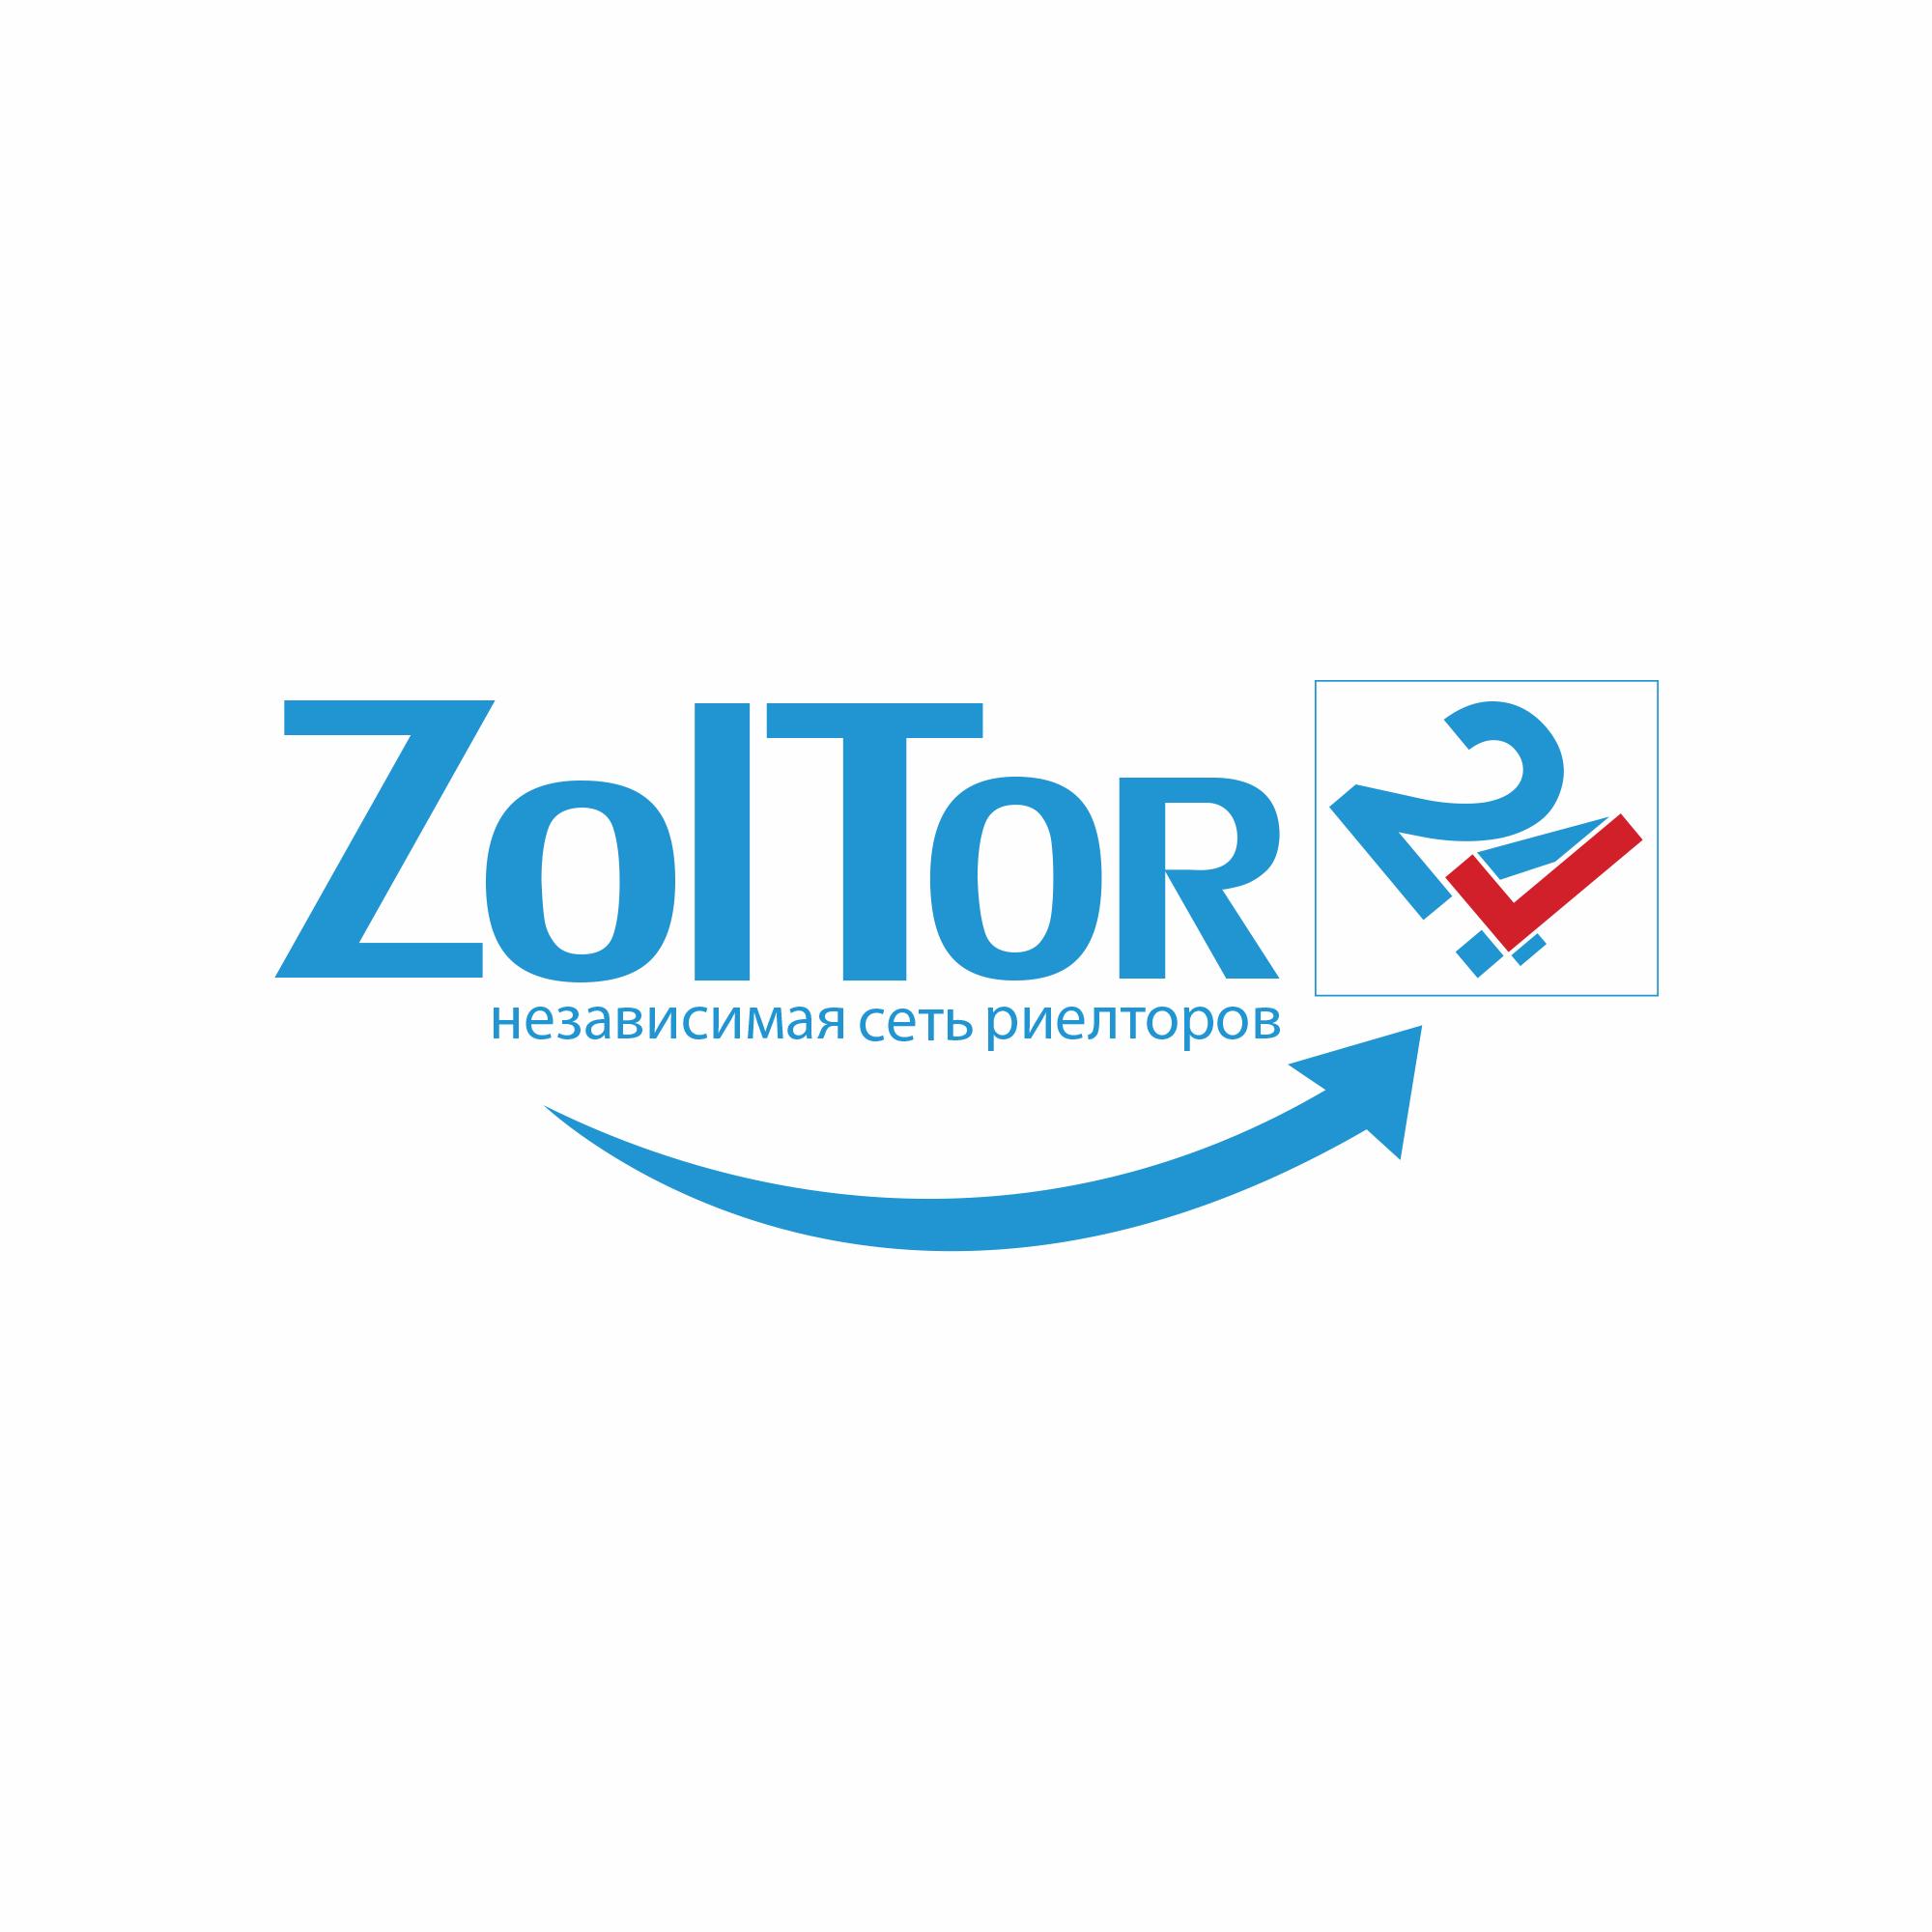 Логотип и фирменный стиль ZolTor24 фото f_6305c910e1781d6f.png